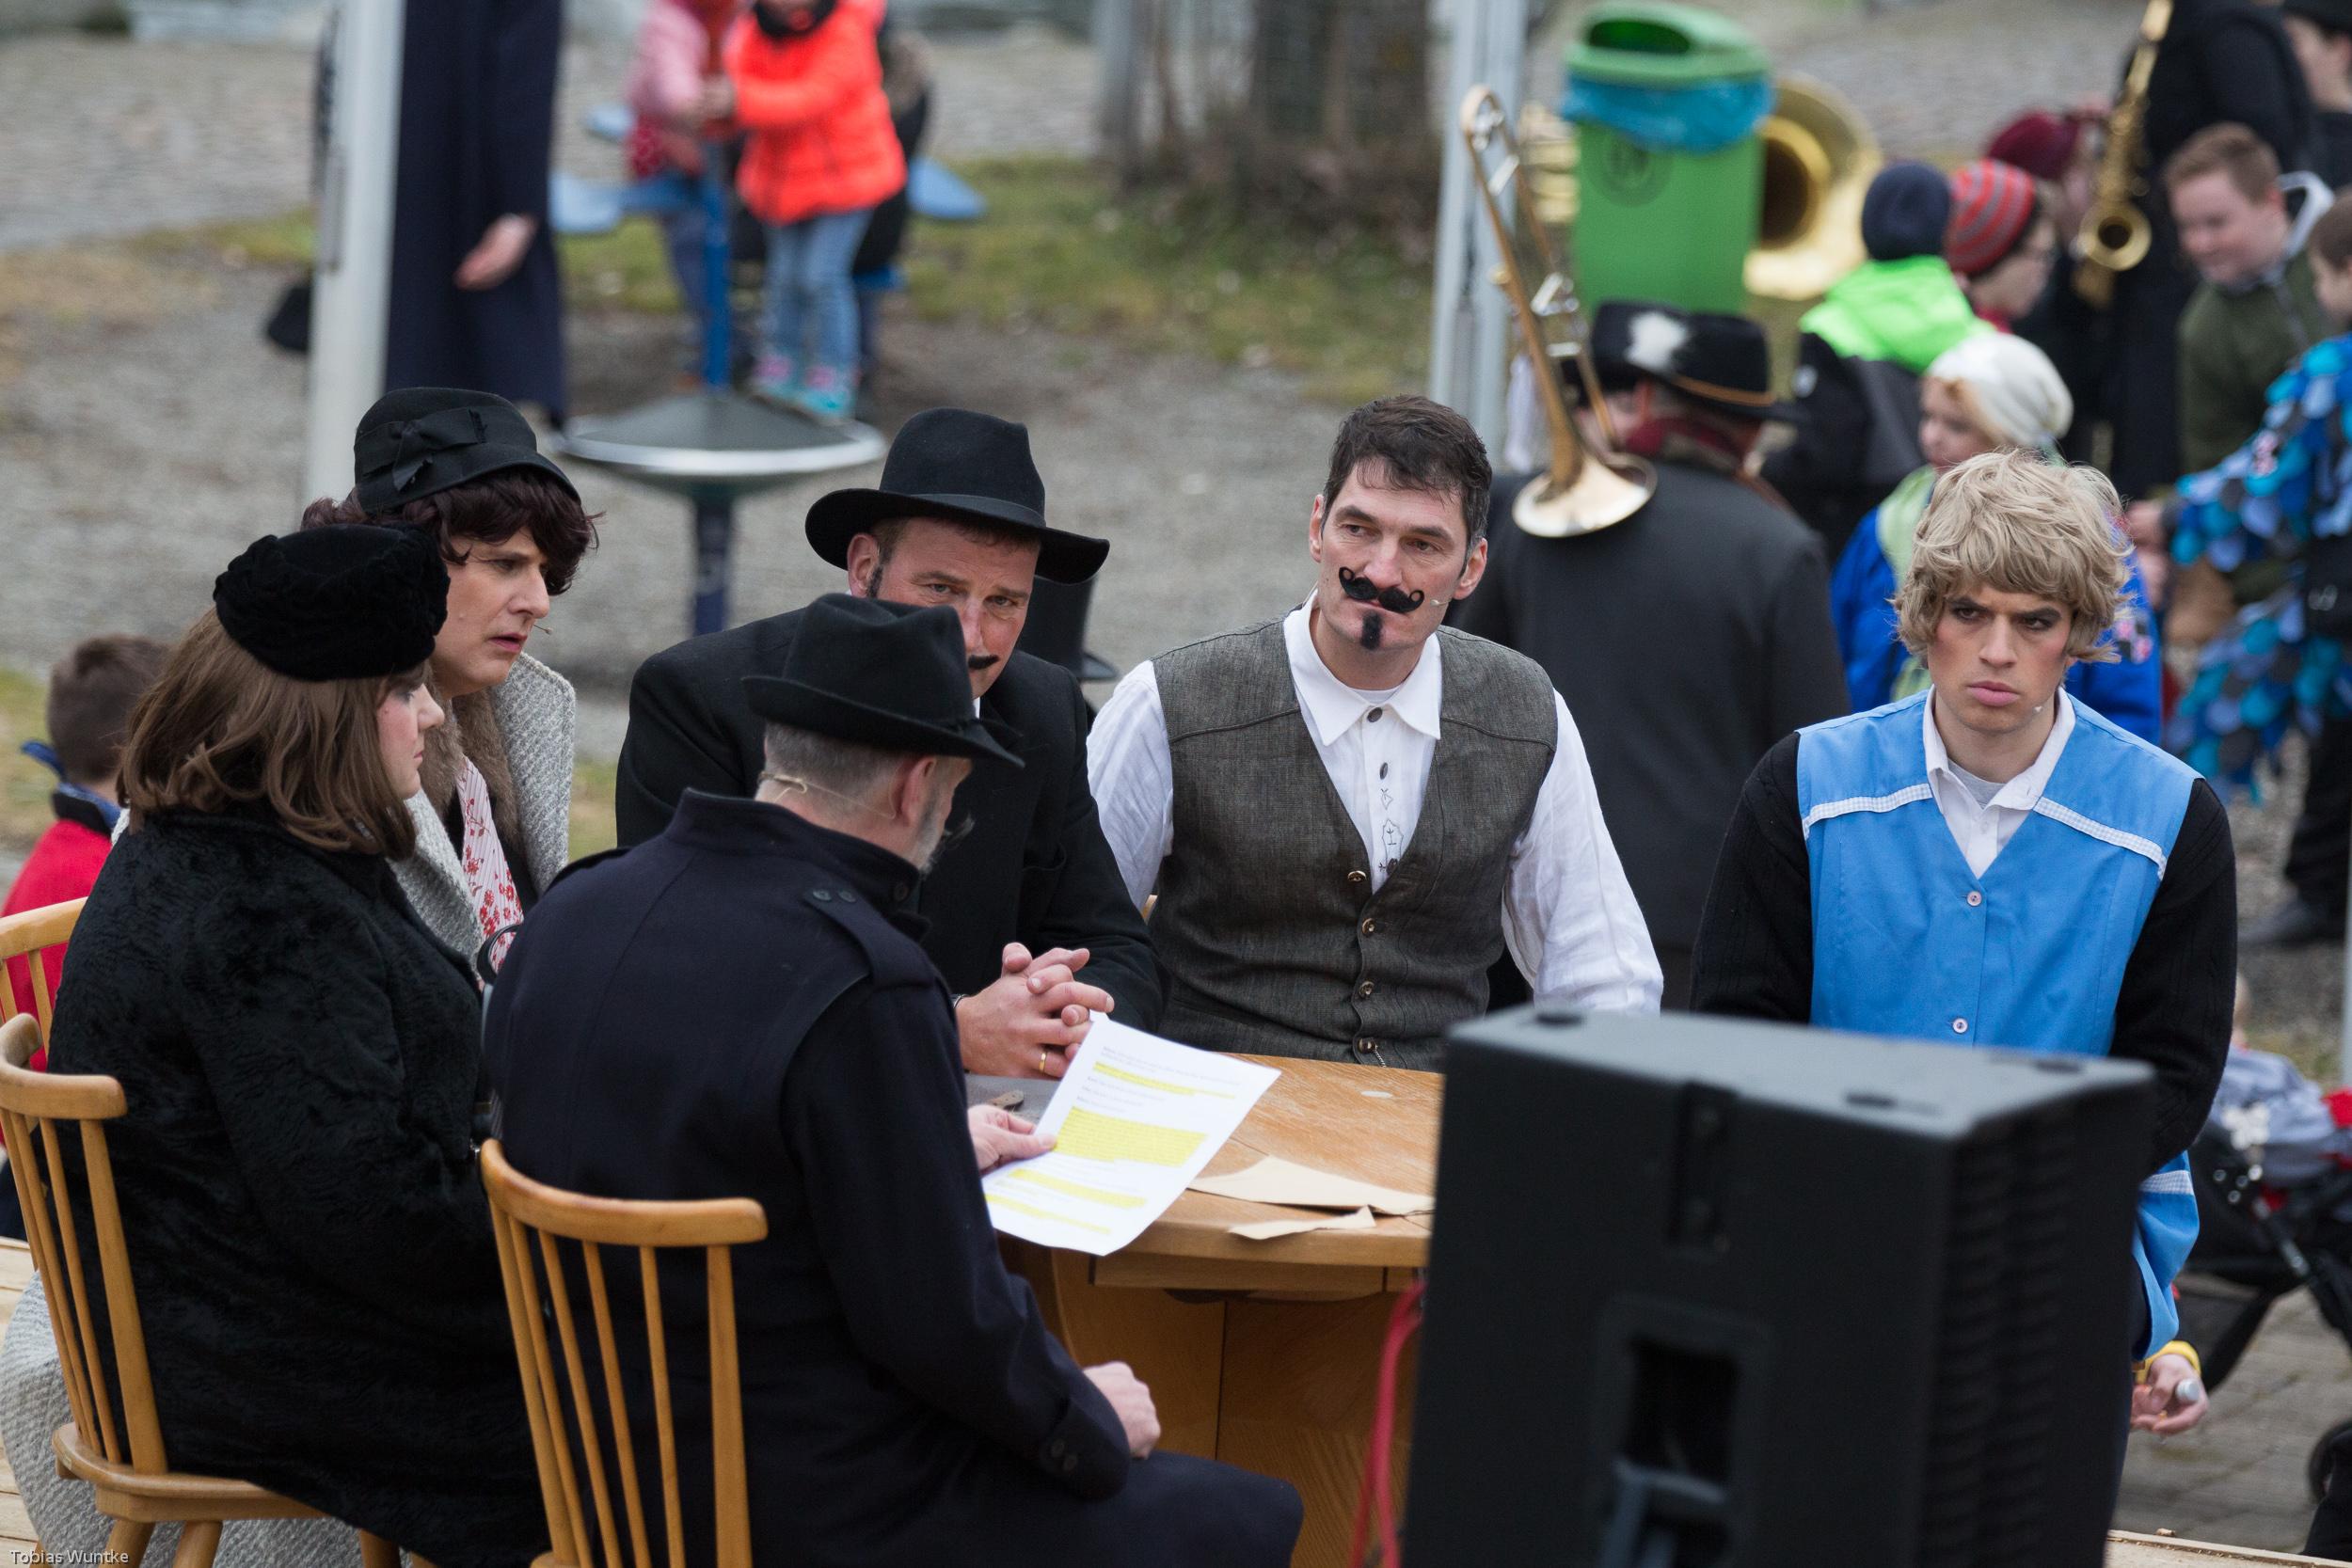 Fasnetsspieler während des Theaterstücks sitzen an einem Tisch.